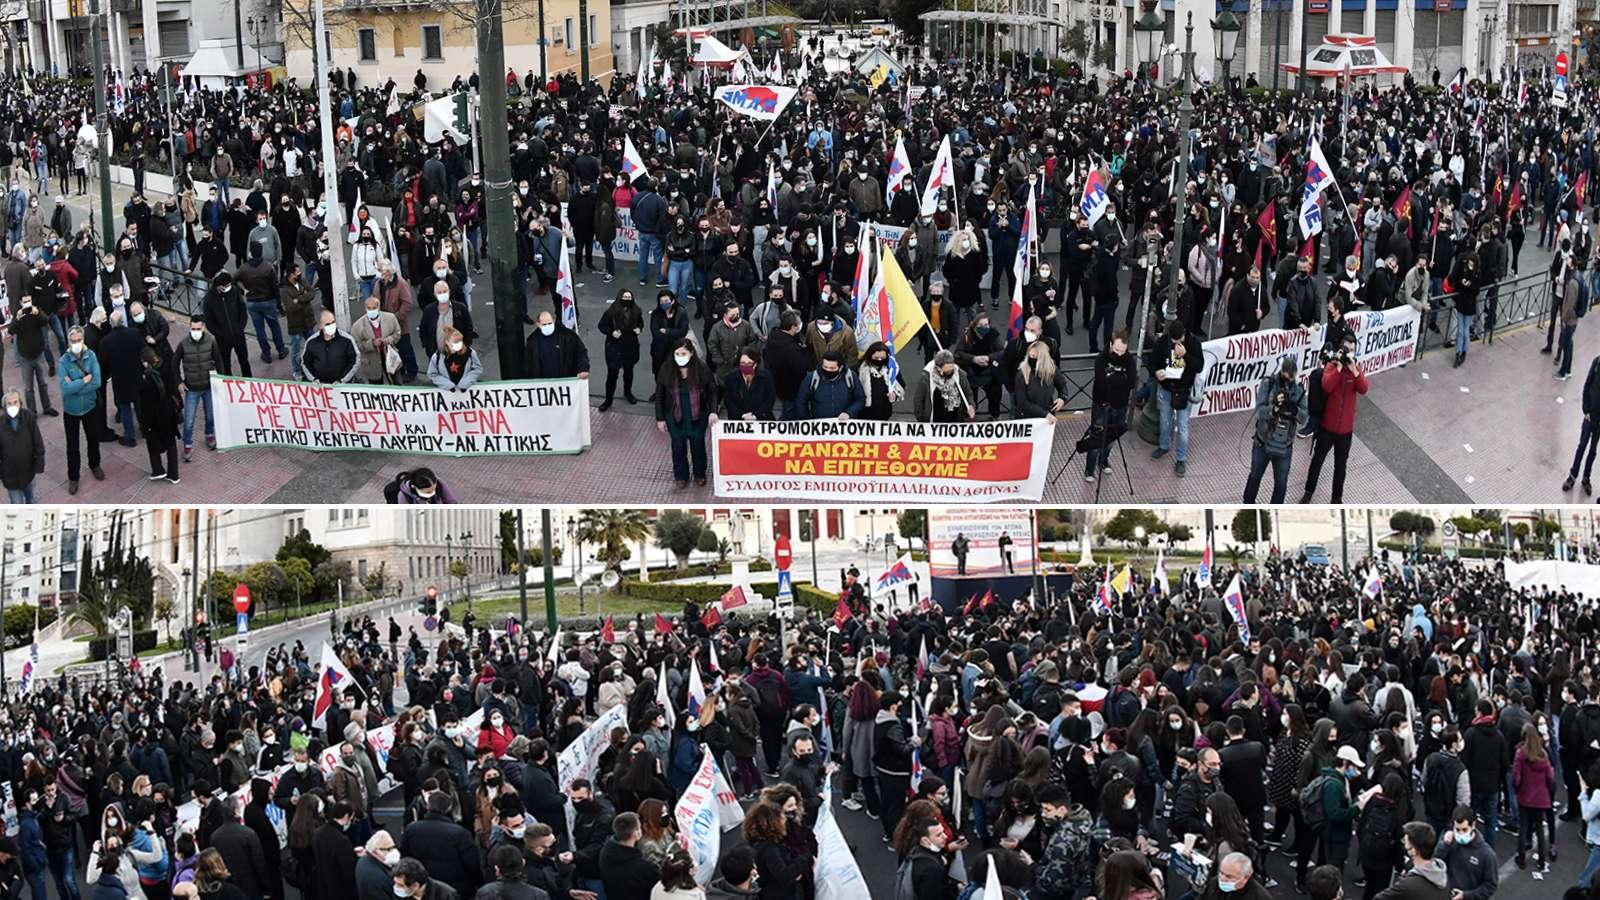 διαδήλωση του λαού για υγεία και δικαιώματα κόντρα στον αυταρχισμό